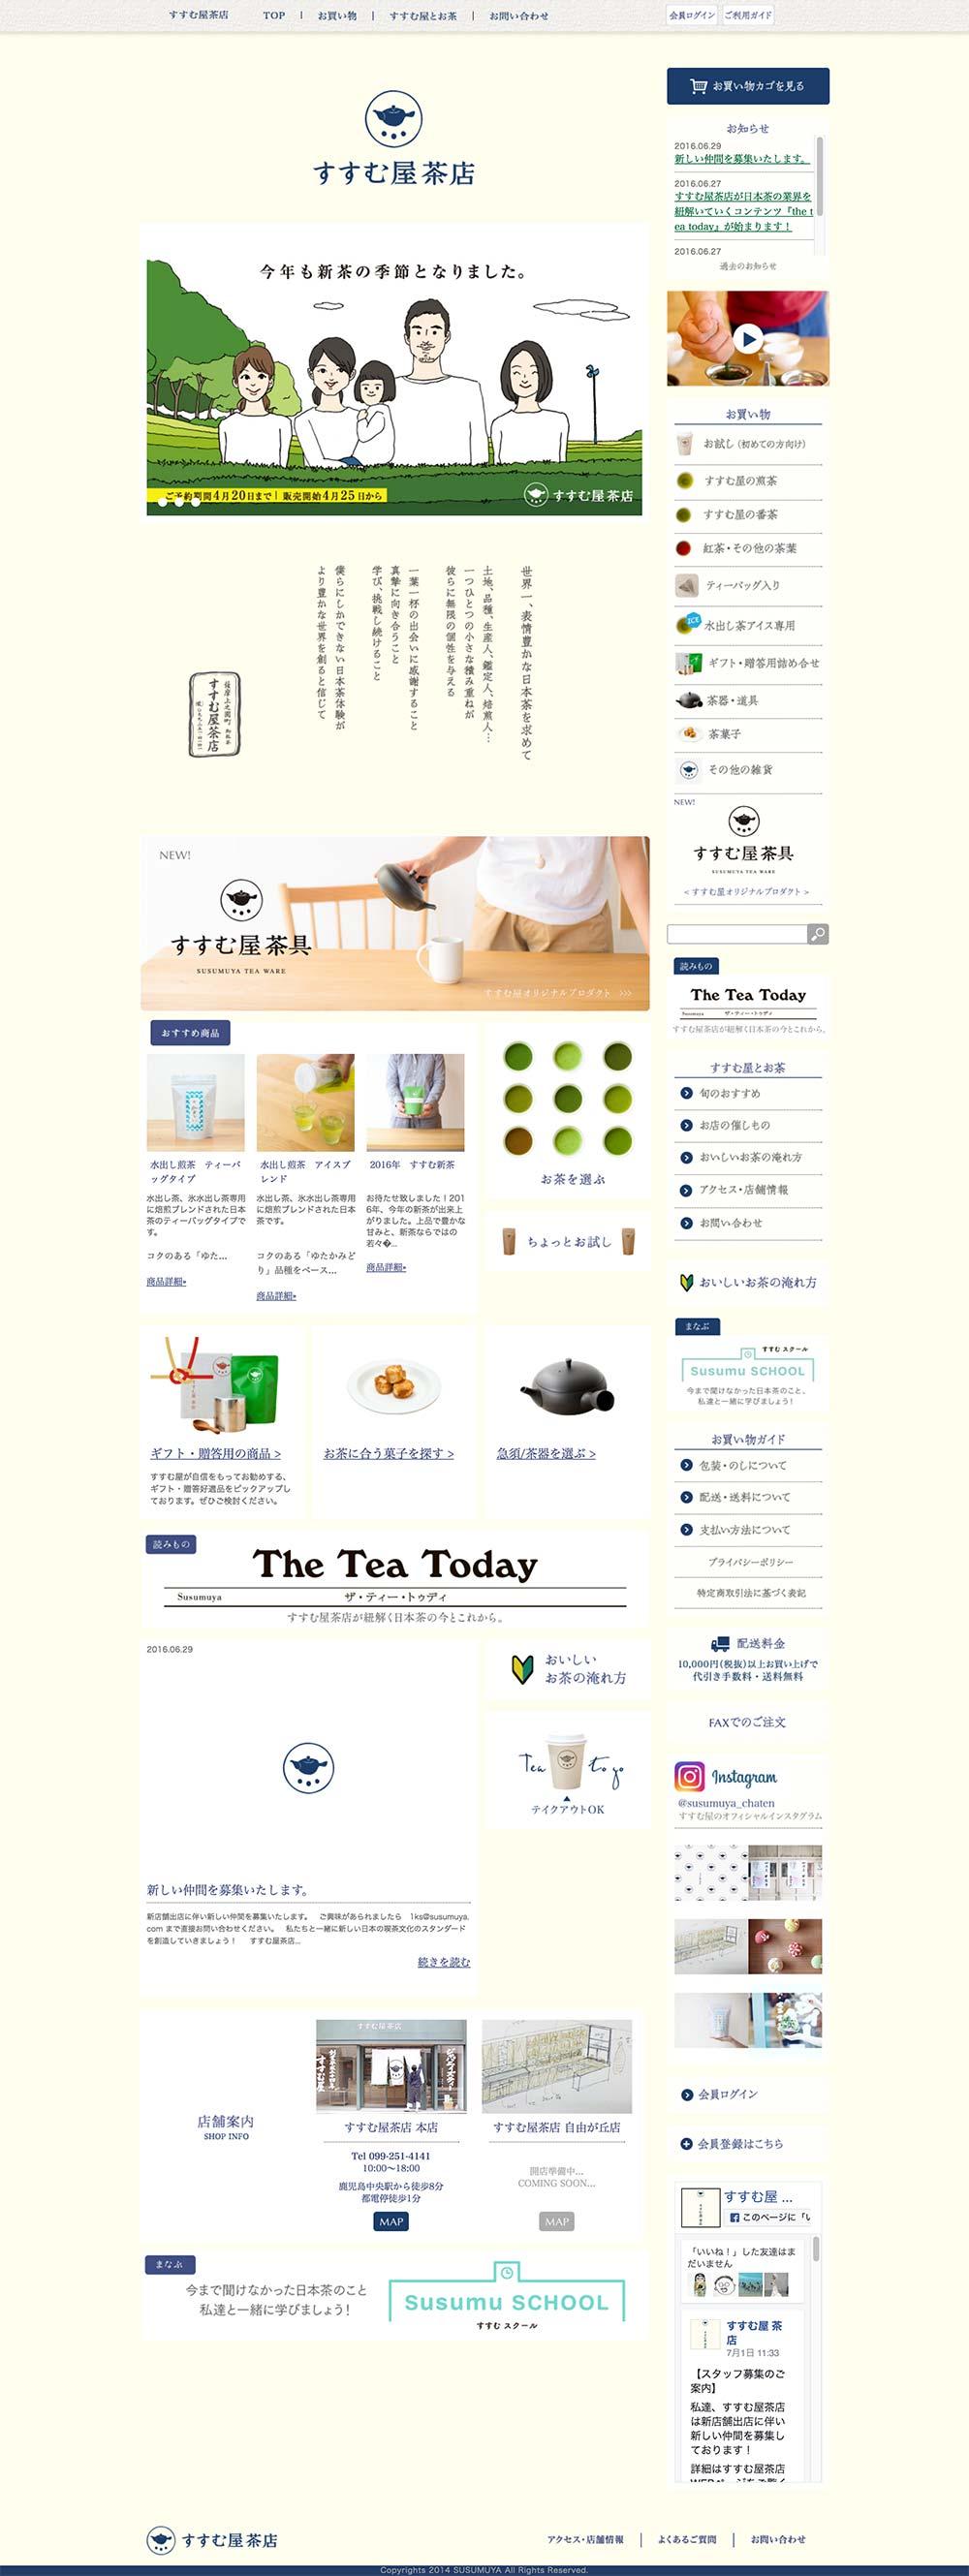 すすむ屋 茶店